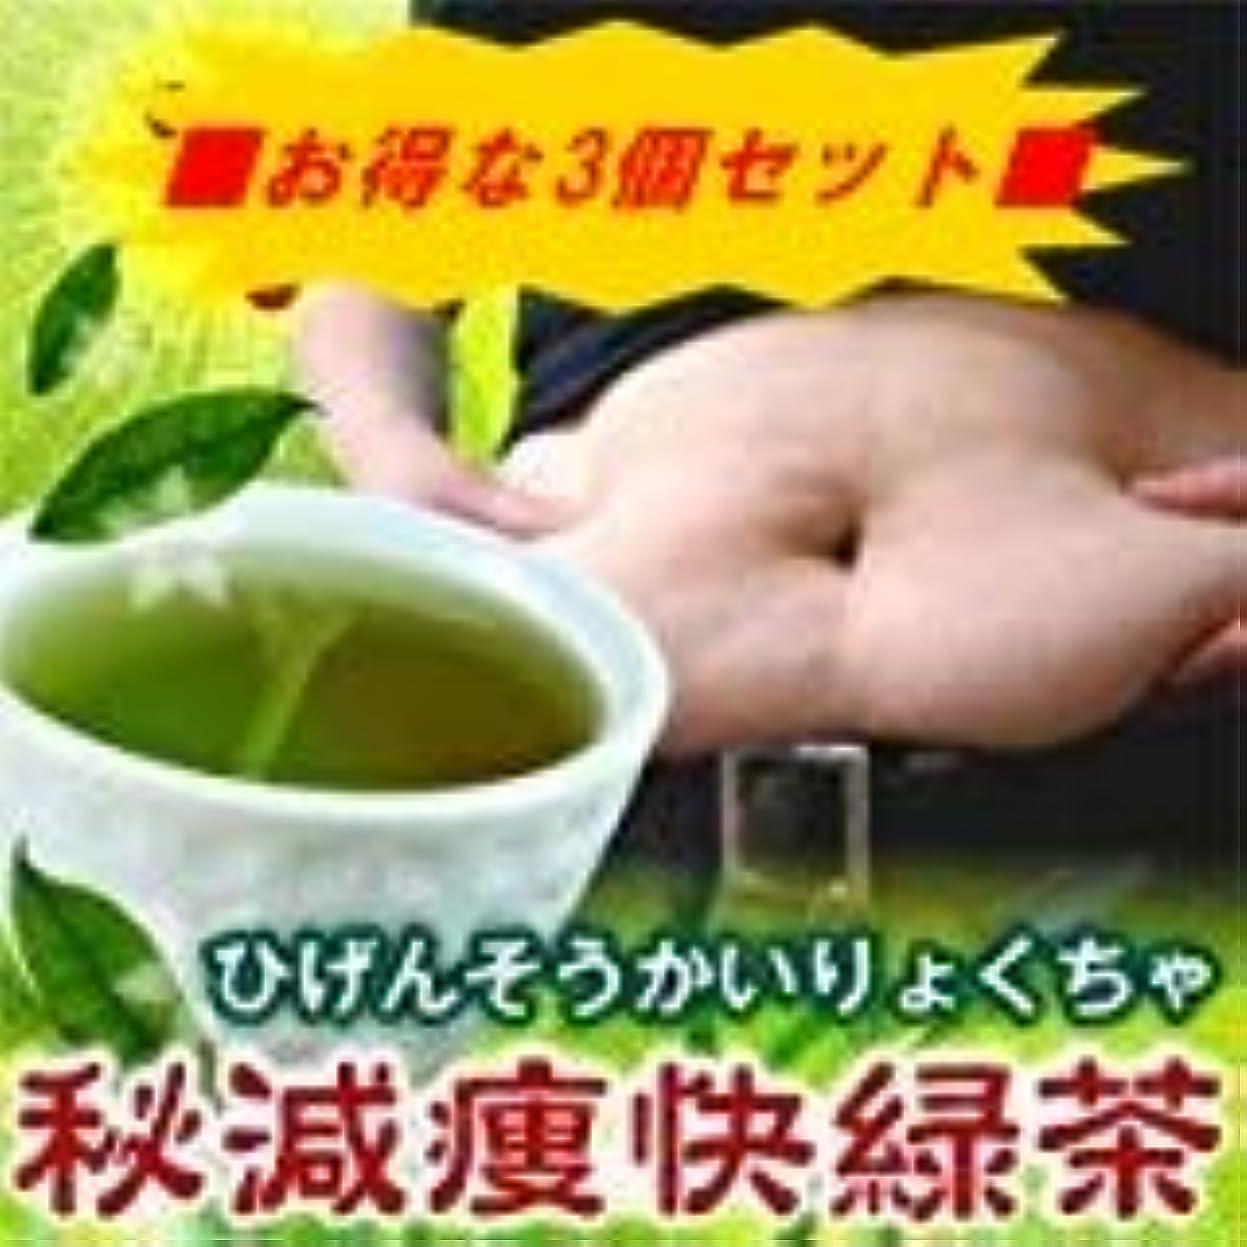 鳴り響く削除する願望秘減痩快緑茶(ひげんそうかいりょくちゃ) 3個セット?